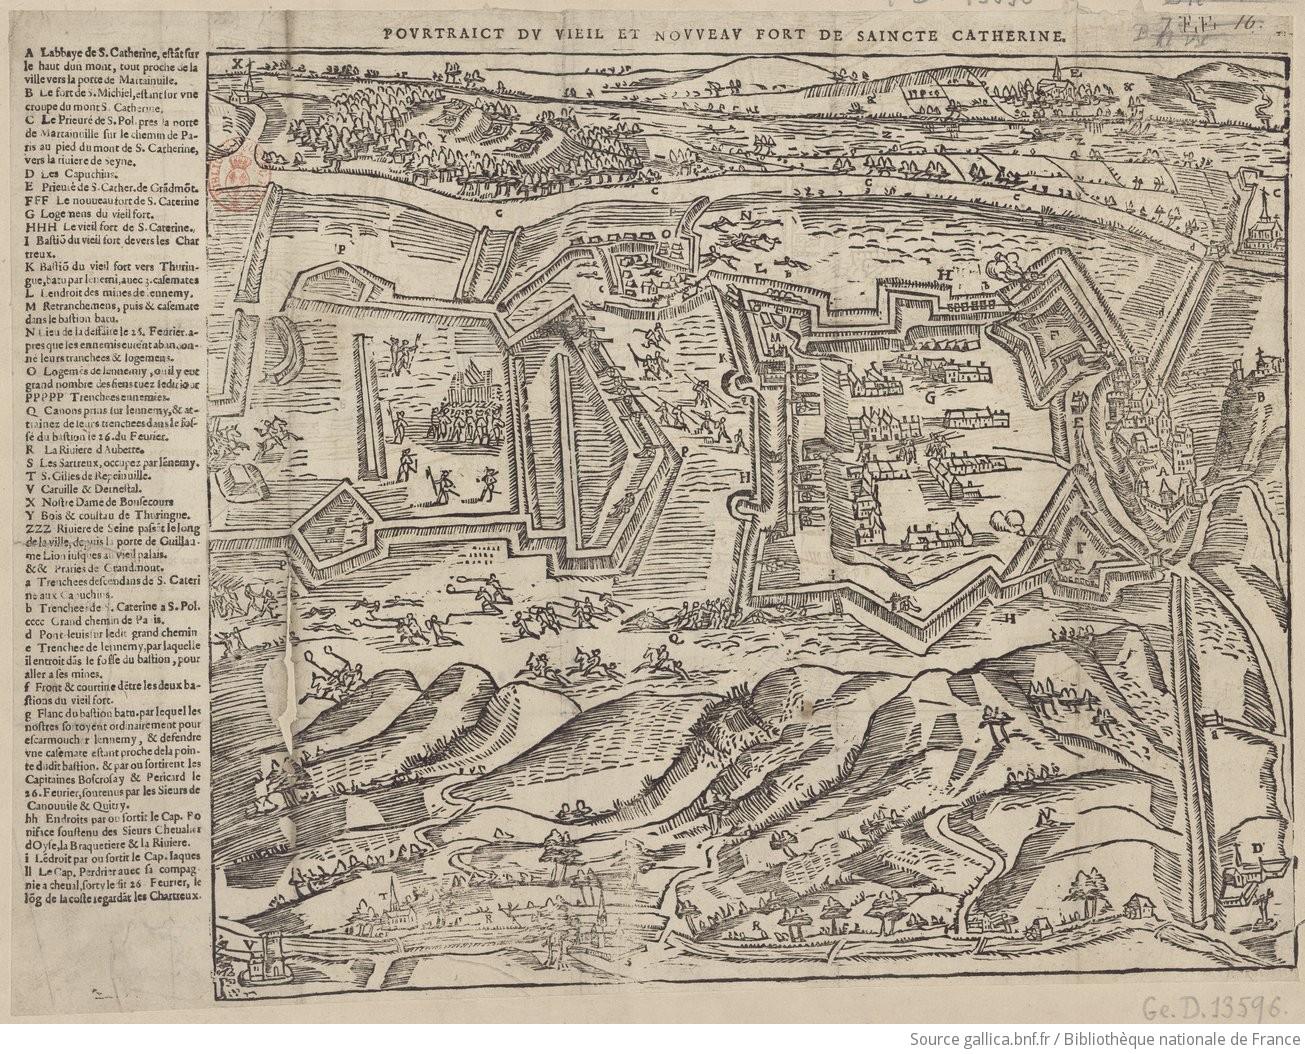 http://gallica.bnf.fr/ark:/12148/btv1b8491624b/f1.highres